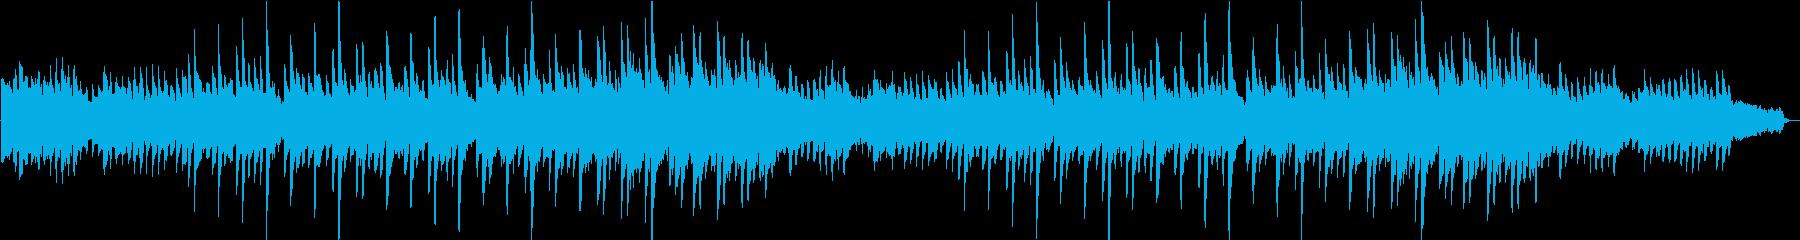 Gentle, inspiring, gentle, piano ballad's reproduced waveform